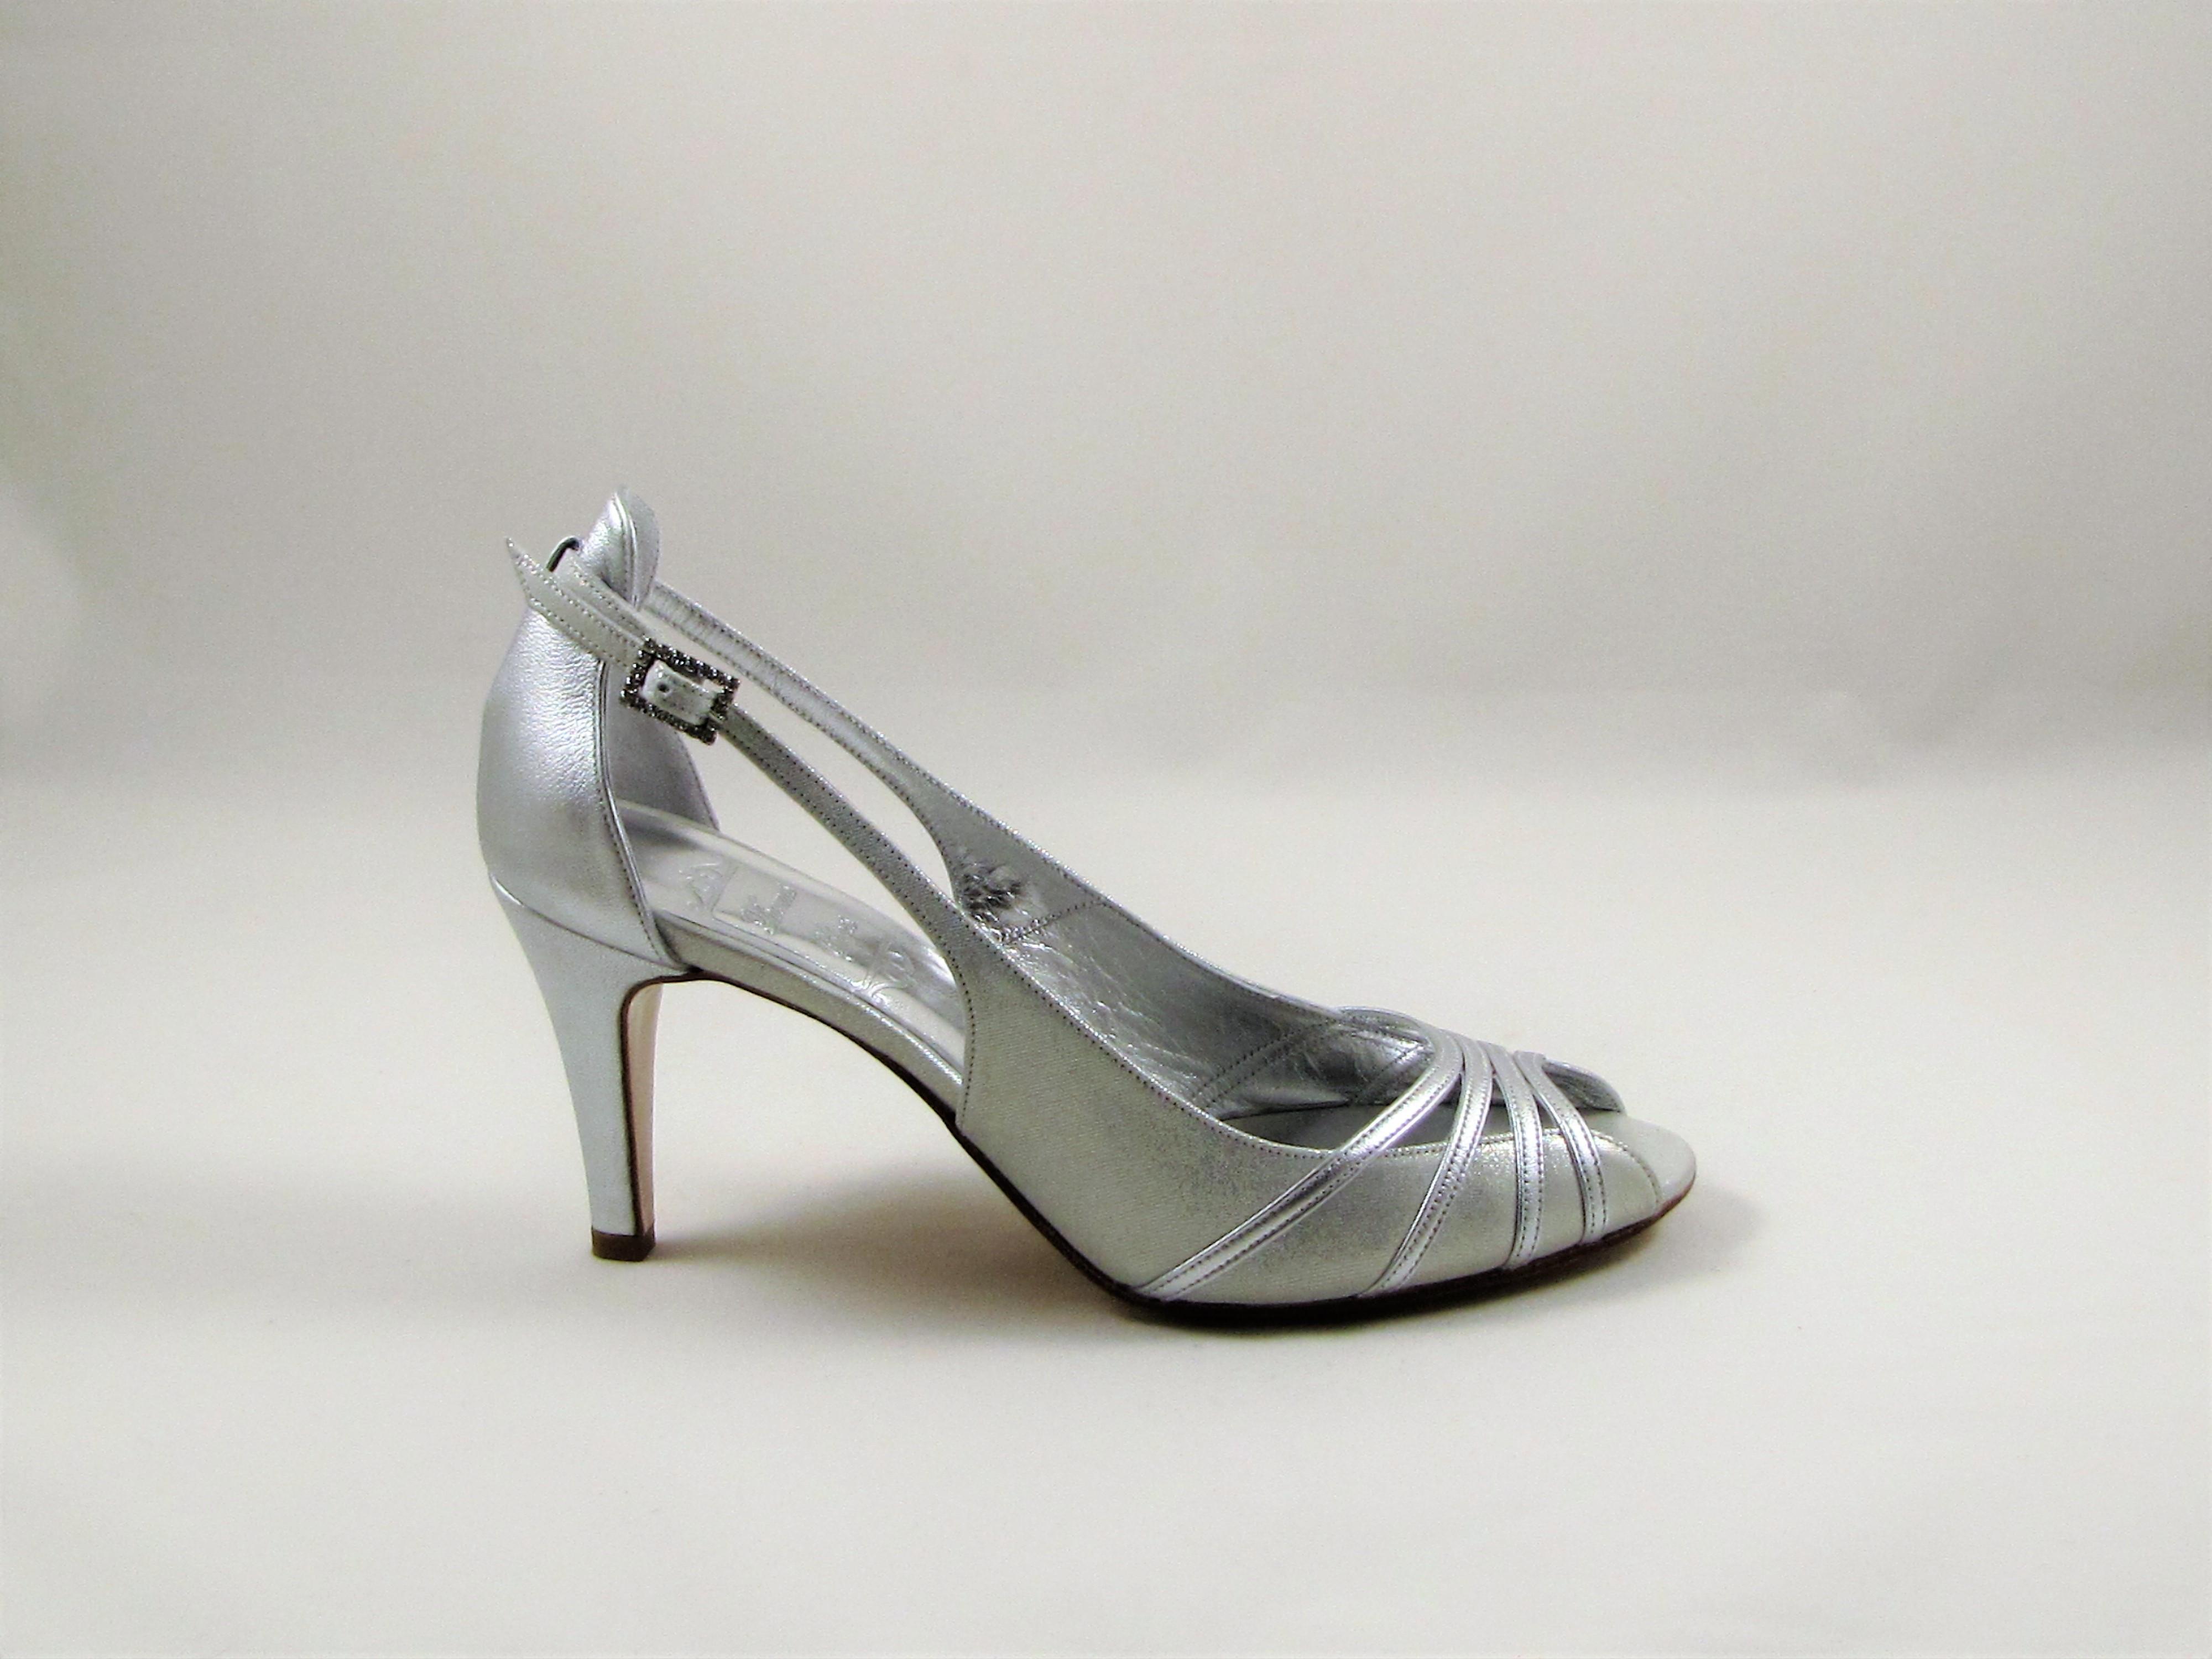 Γυναικείο παπούτσι 19289 cde2c2fcb8c